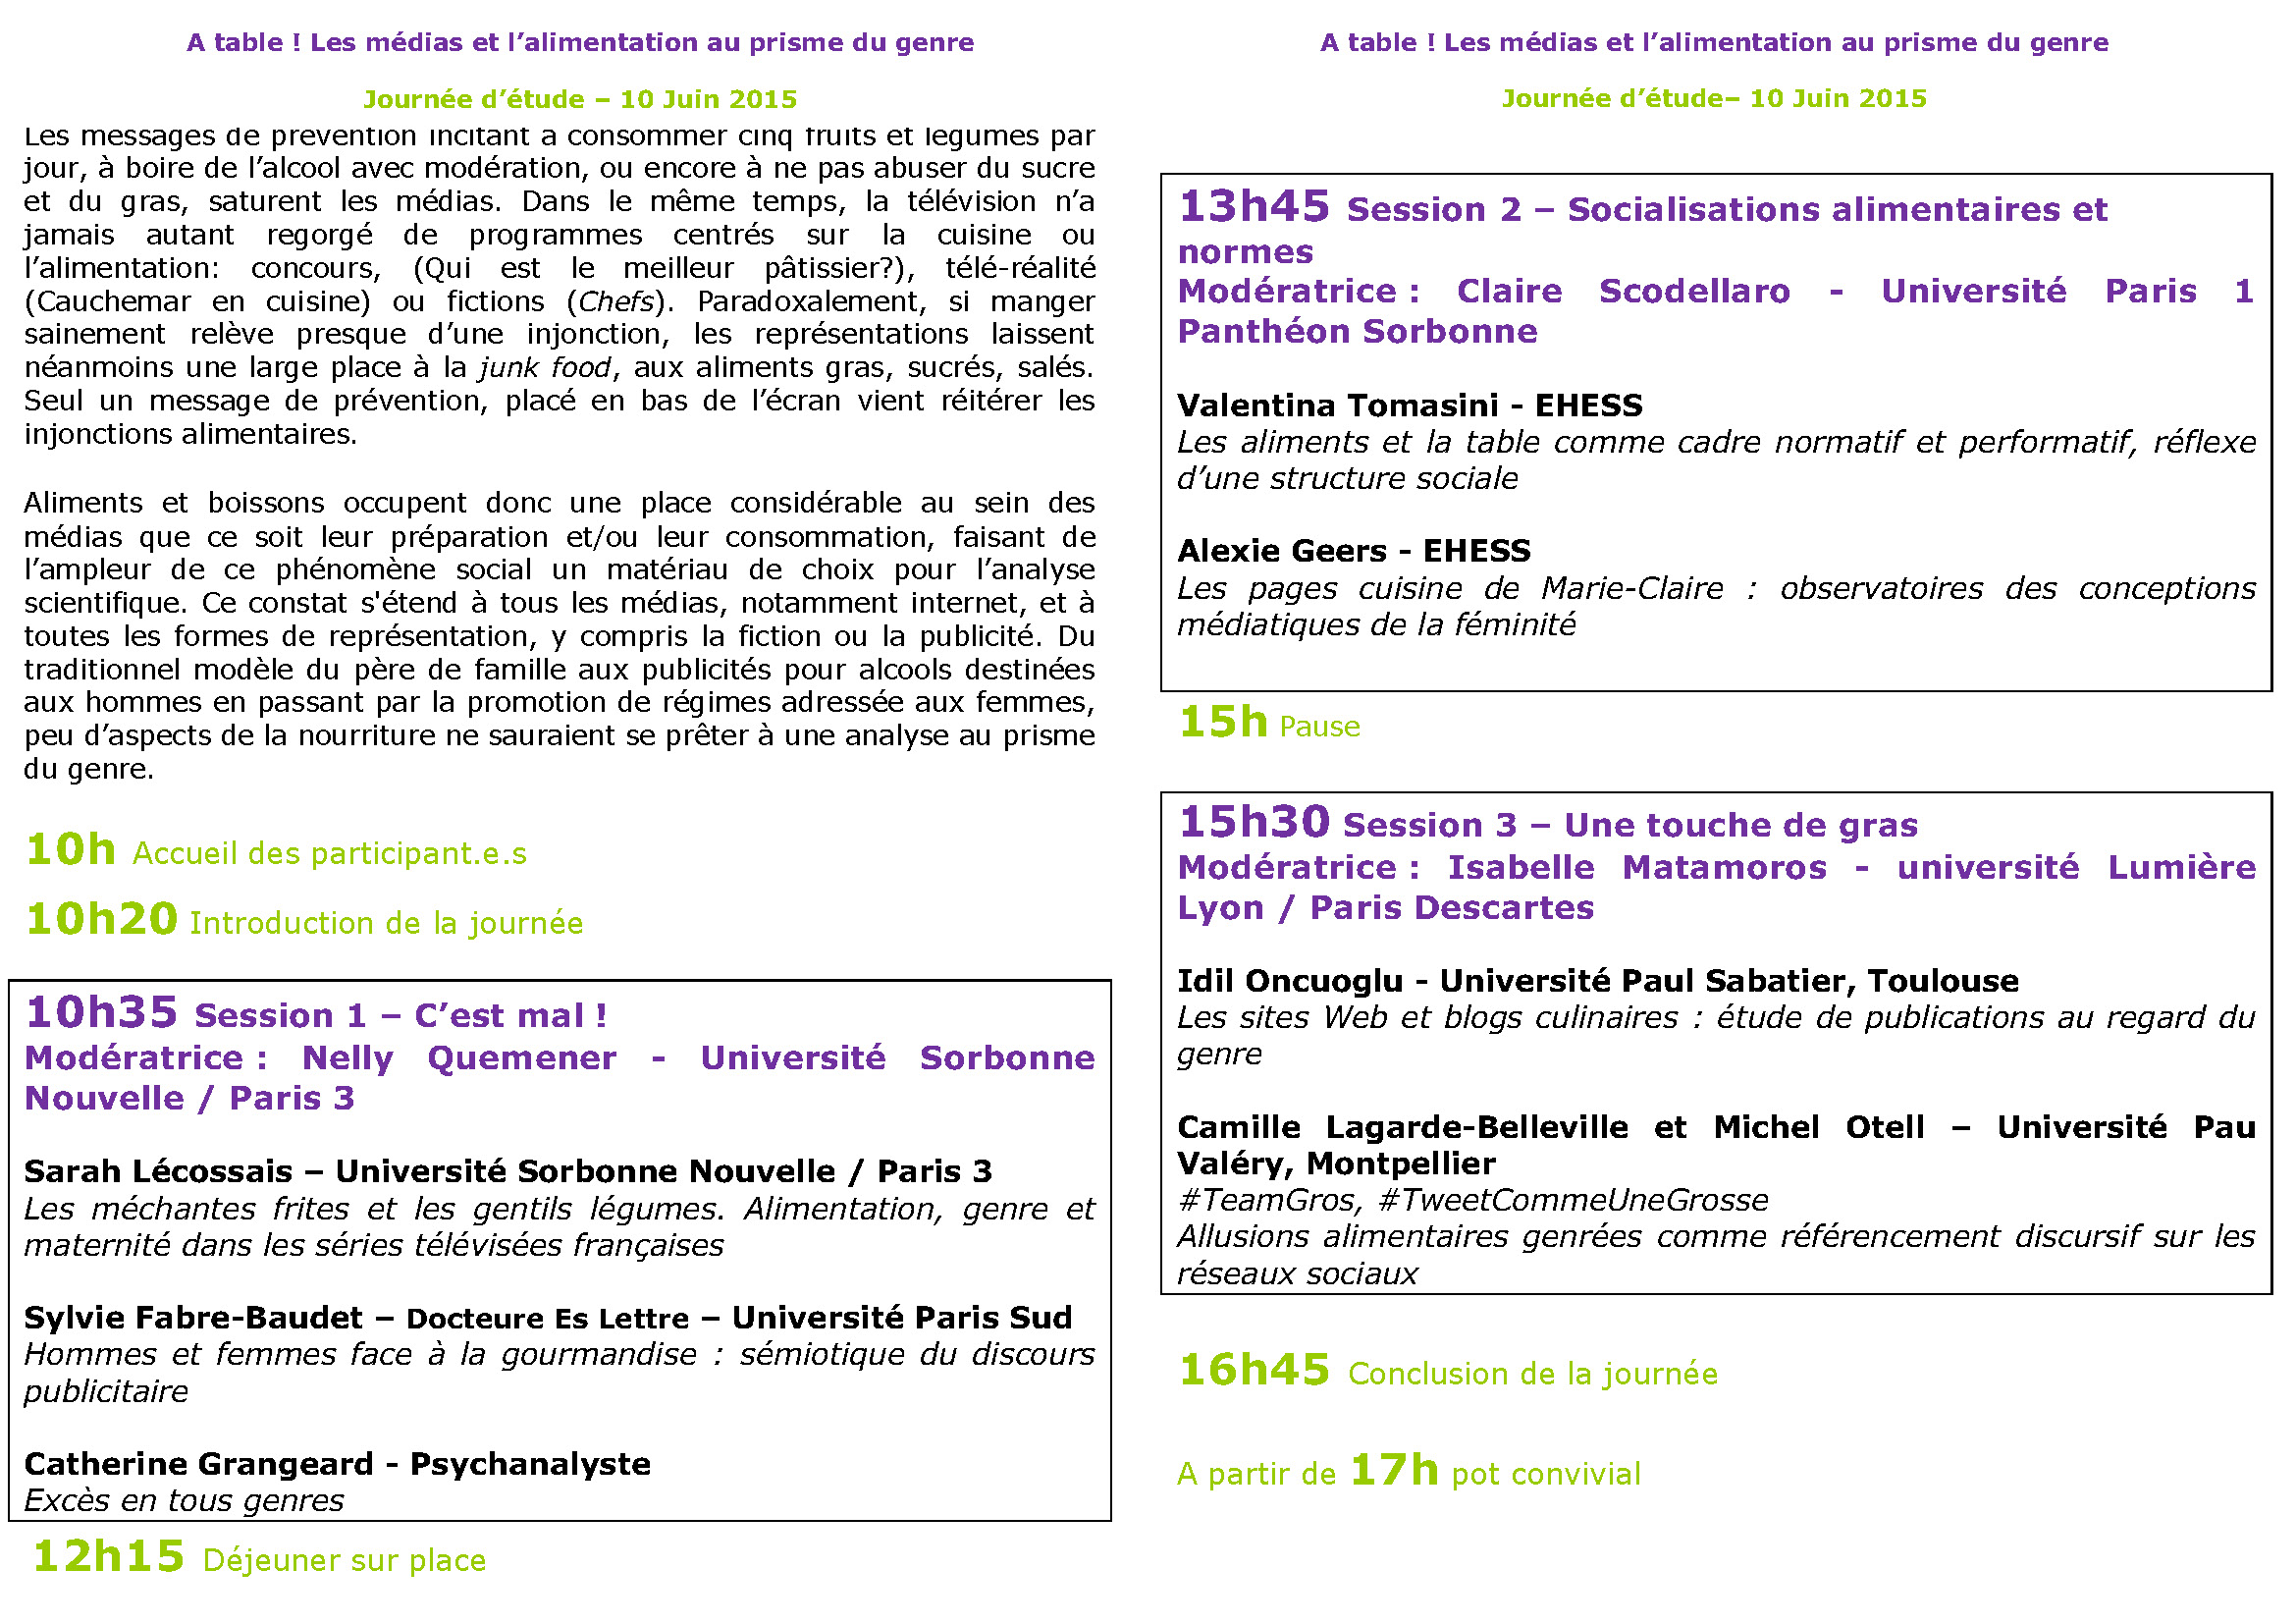 Programme_JE_genre_et_médias-2015-a-table Version Finale_Page_2